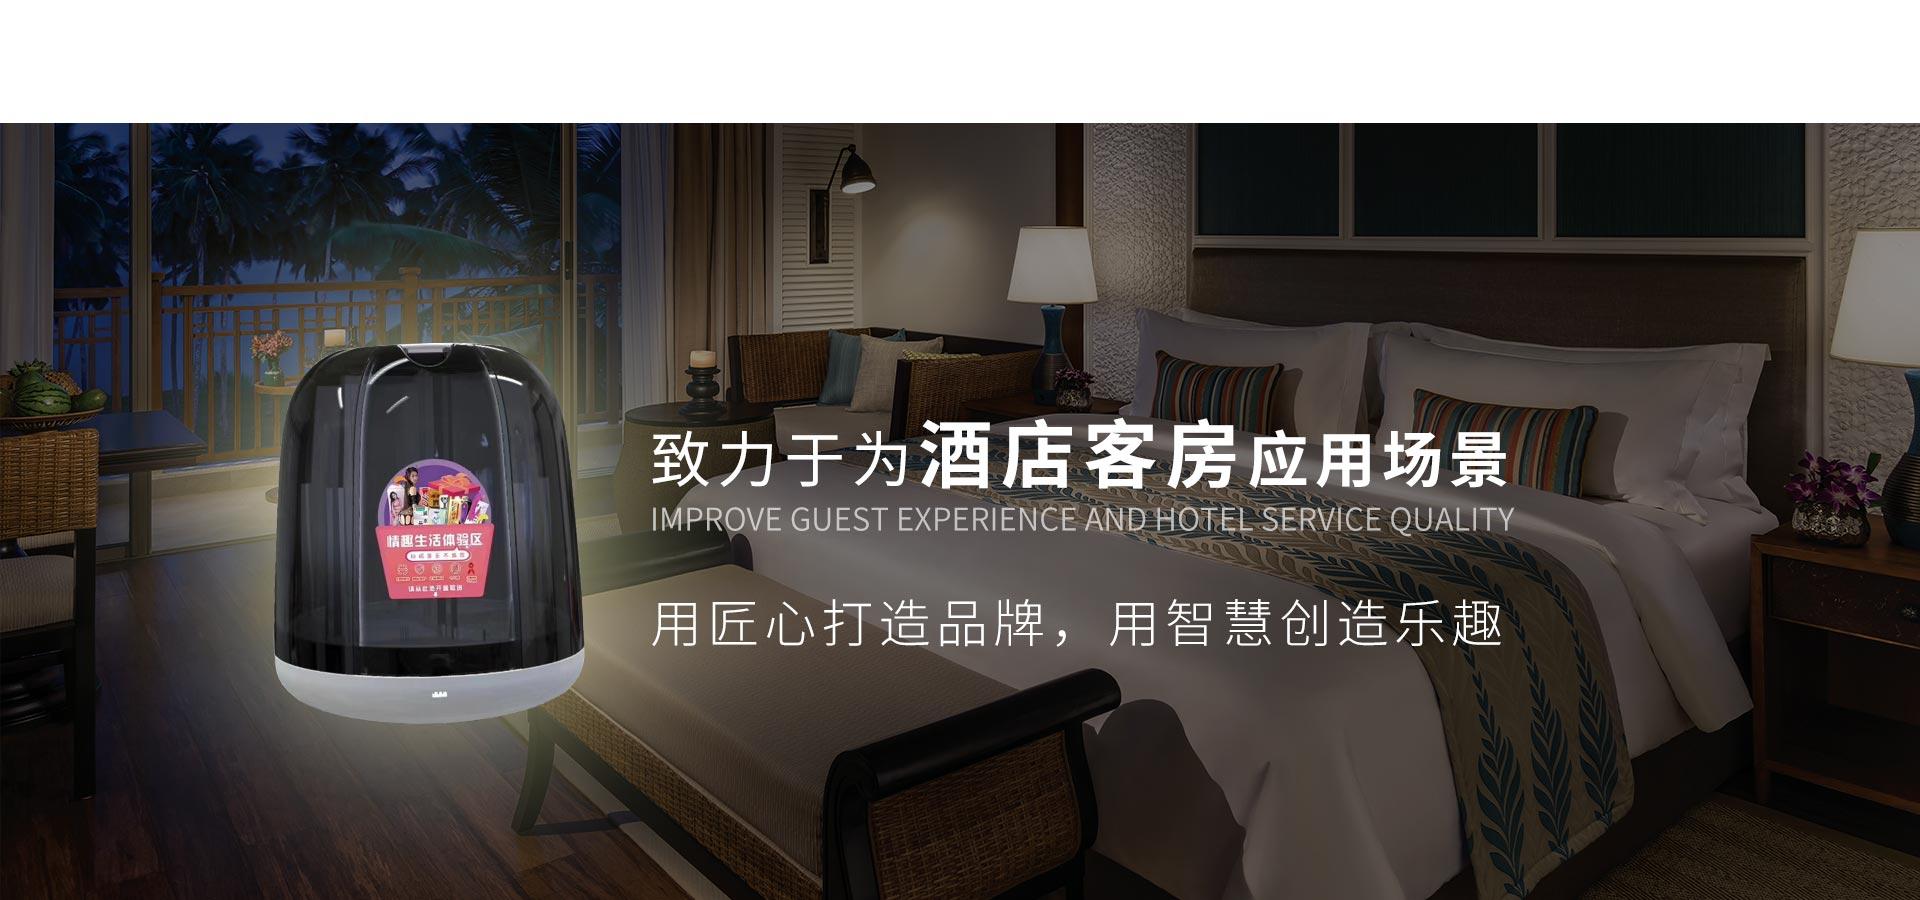 酒店自动售货机加盟,酒店迷你售货机,宾馆投放无人售货机,酒店智能自助售货机,福建省恒迅智能设备有限公司